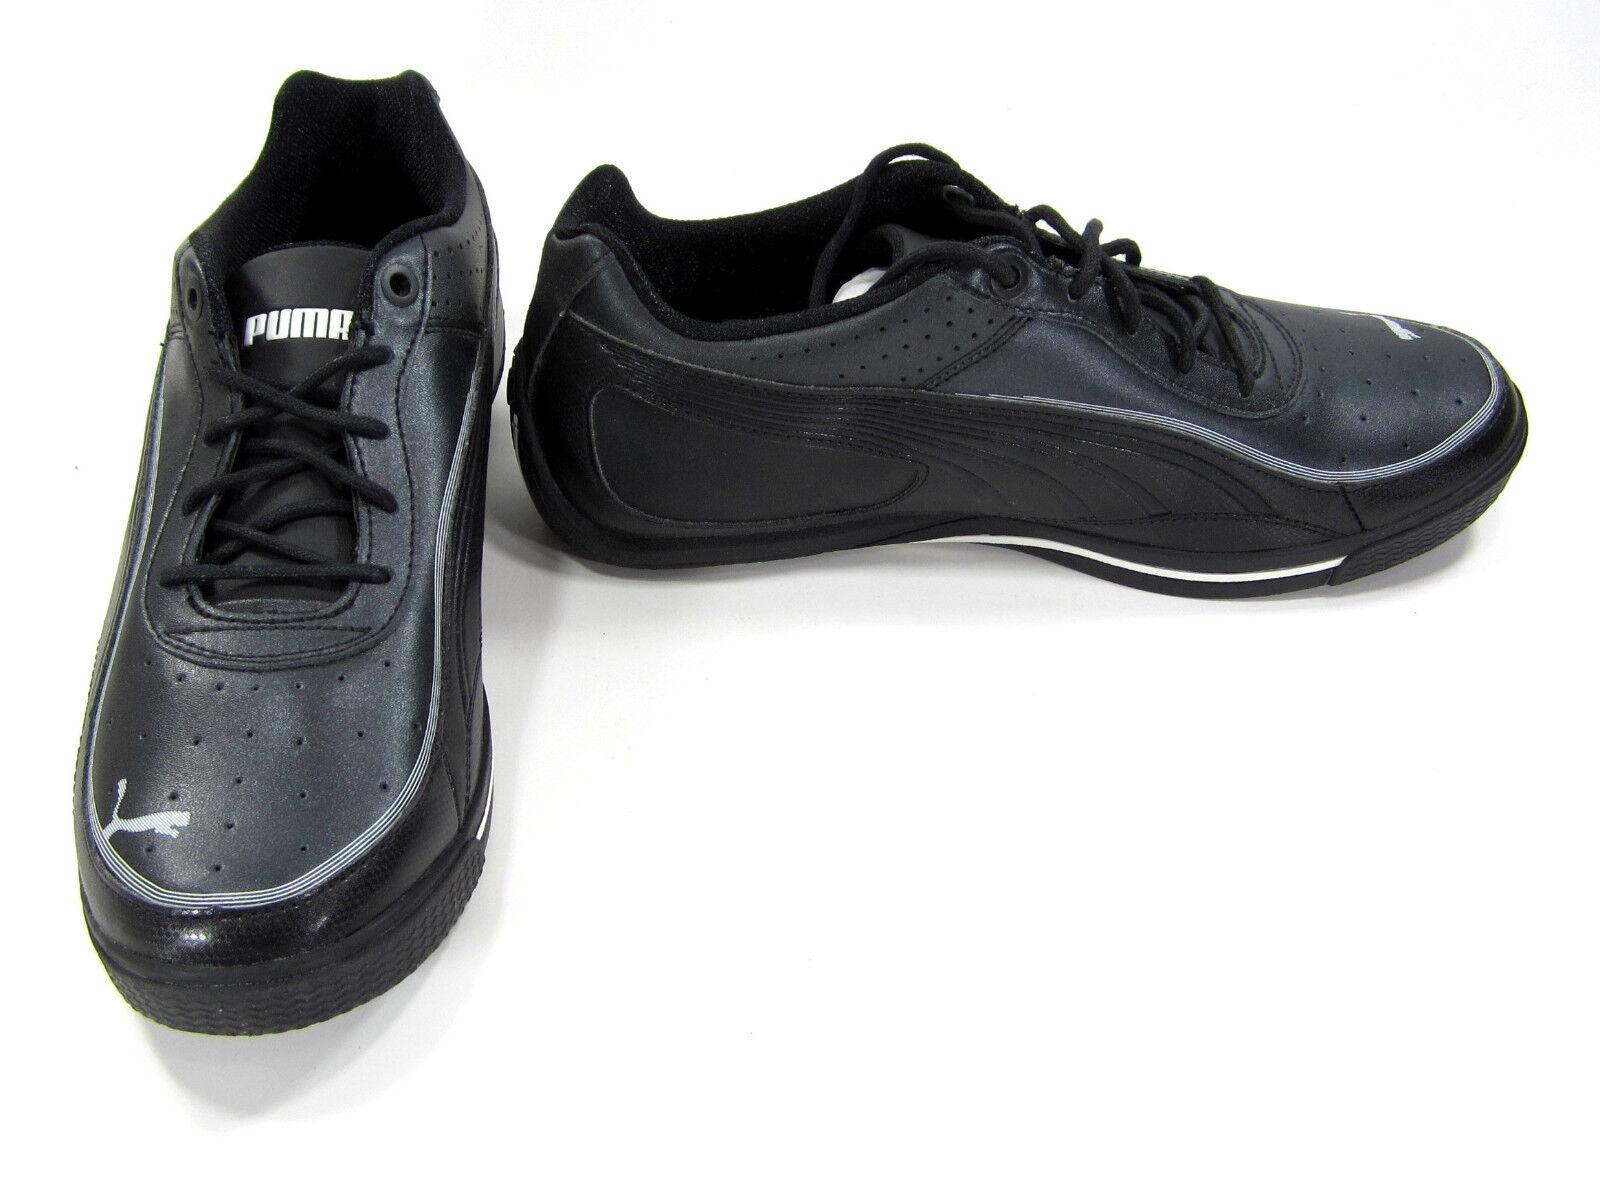 Puma Zapatos SL Street Lo casi como nuevo Basic Negro Zapatillas Tamaño 7